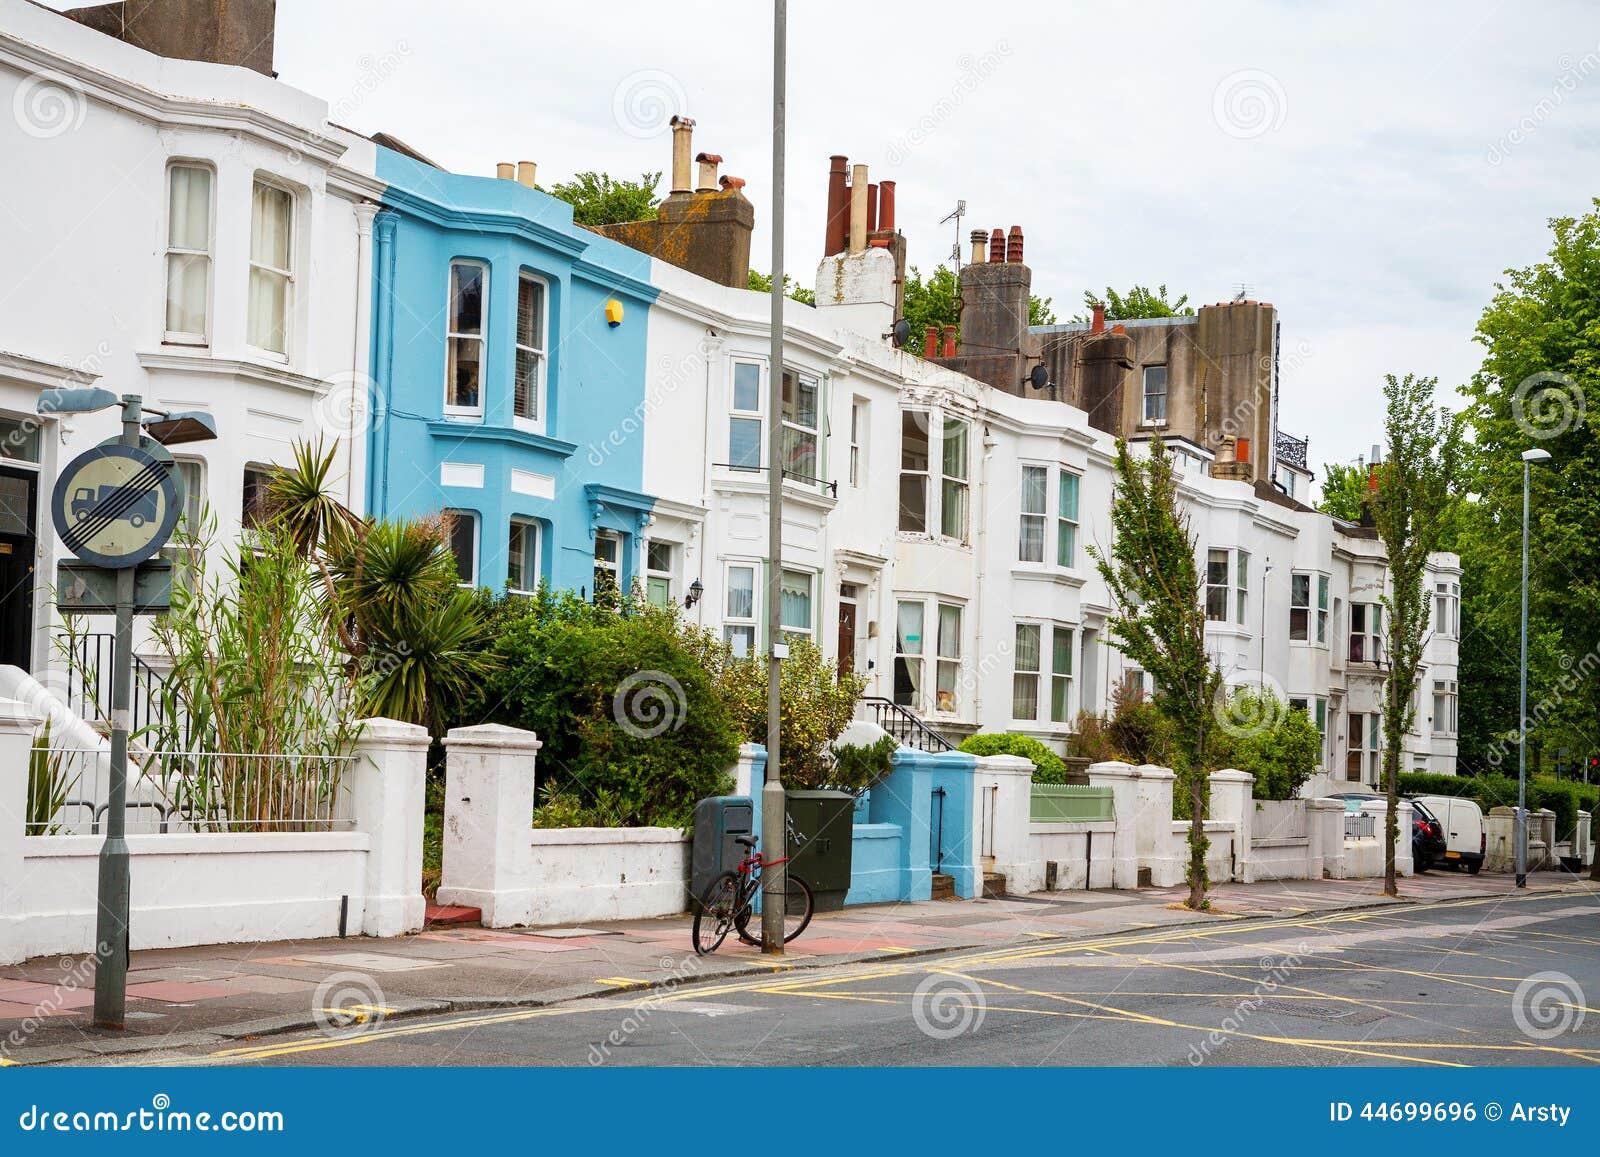 Klassische Häuser In Bergen Brighton, ngland Stockfoto - Bild ... size: 1300 x 957 post ID: 7 File size: 0 B